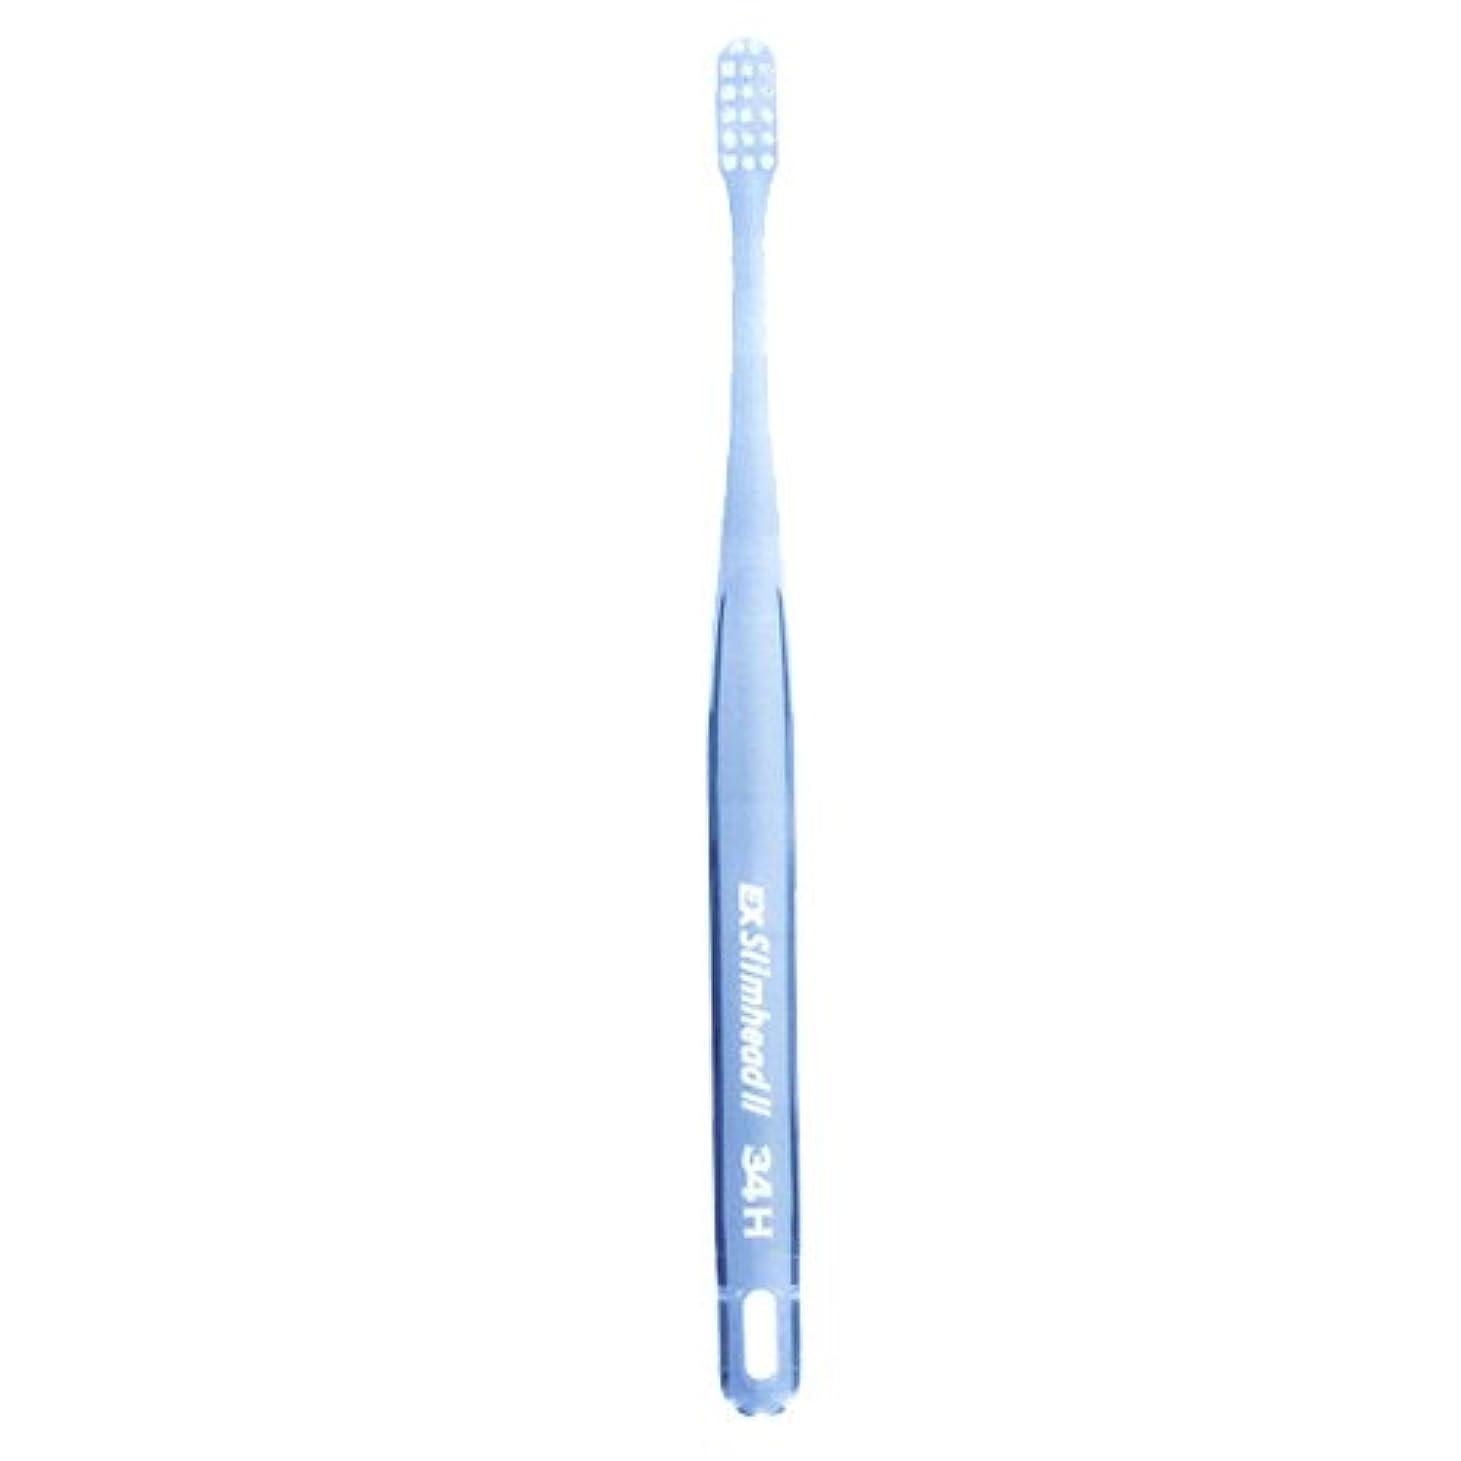 仕事に行くトイレ所得ライオン スリムヘッド2 歯ブラシ DENT . EX Slimhead2 1本 34M クリアブルー